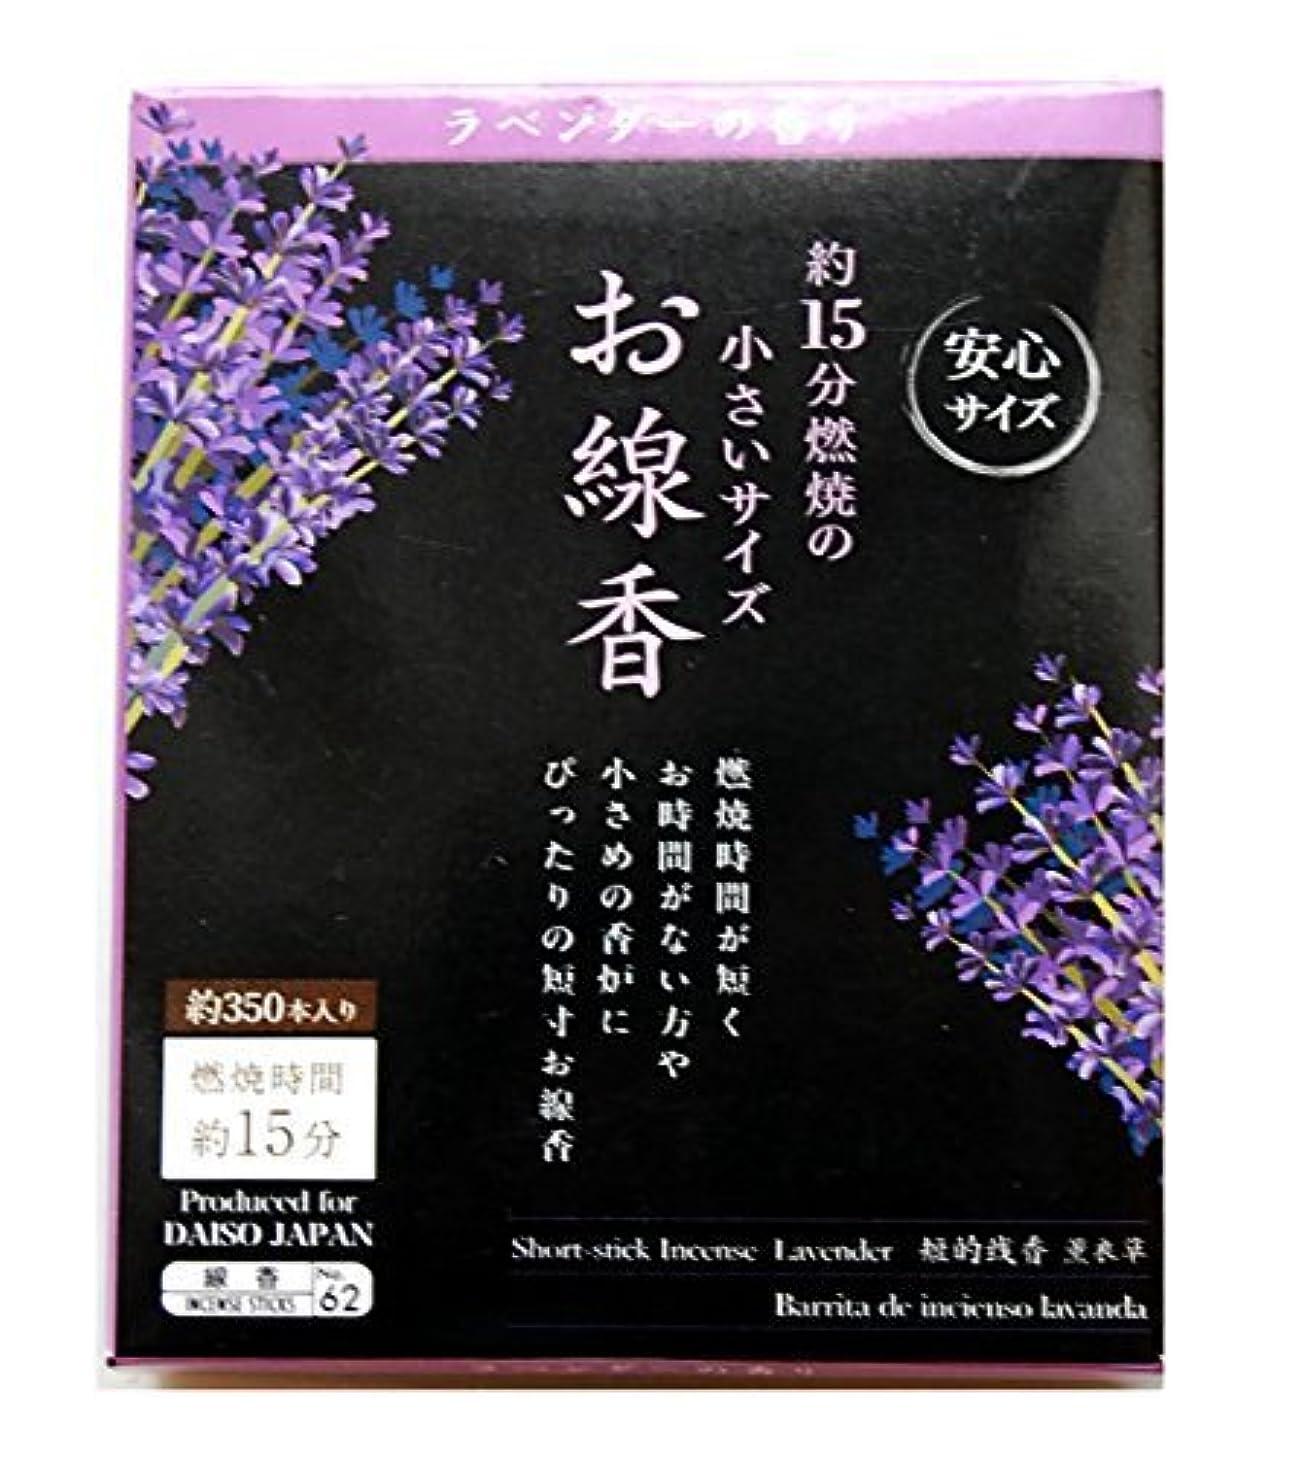 ポンプ繁雑指紋Daiso Senko Japaneseお香ラベンダーショートスティック9 cm-15min / 350 sticks